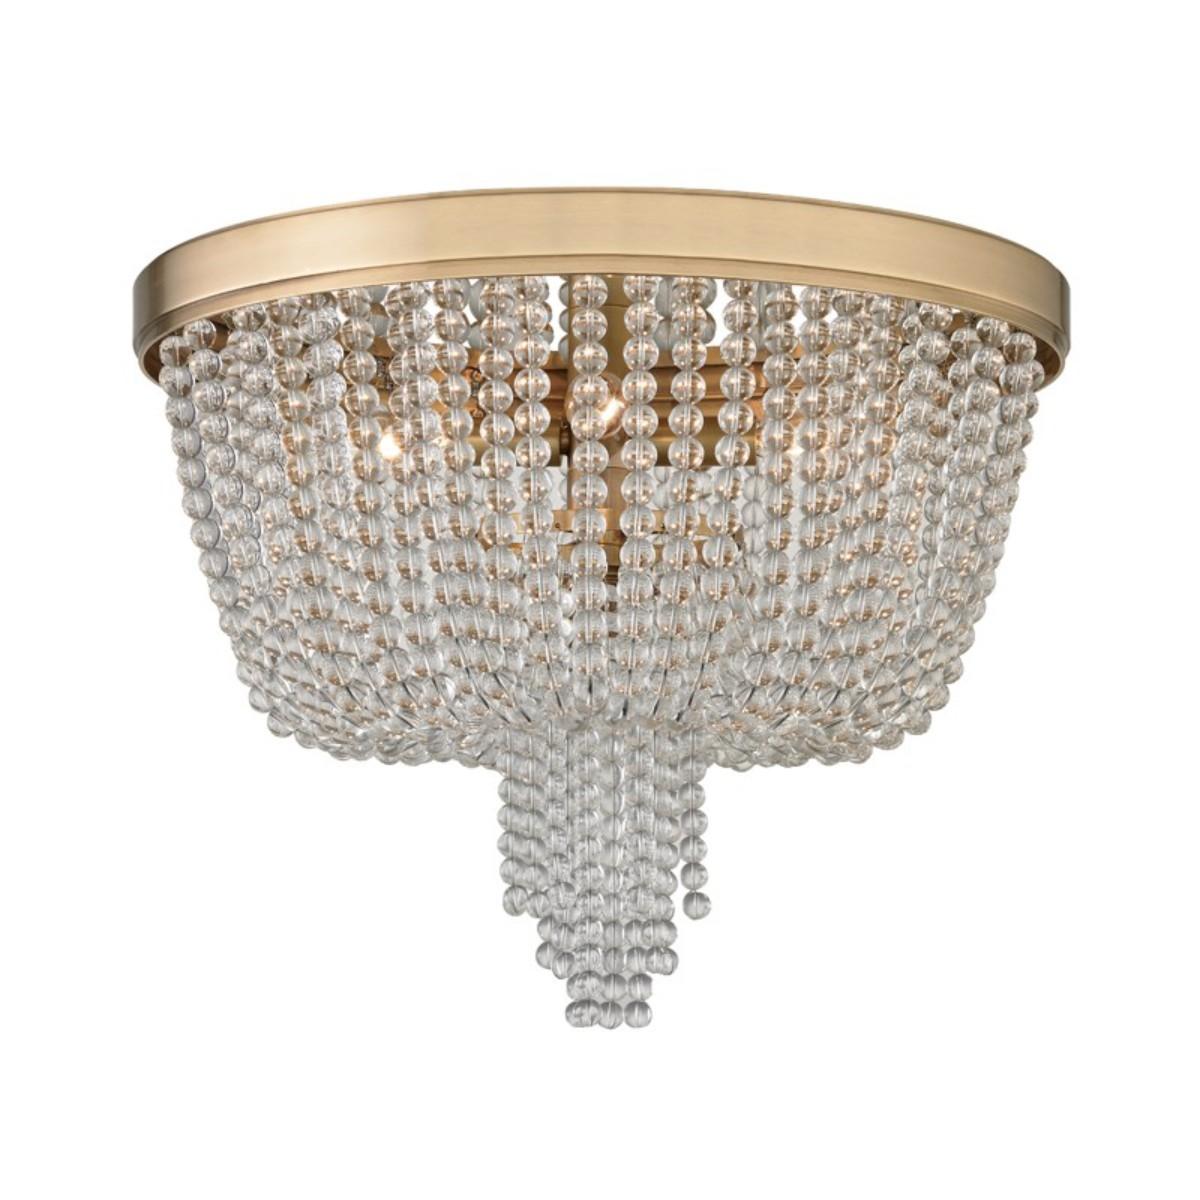 Hudson Valley I Royalton Flush Mount Ceiling Light I Aged Brass